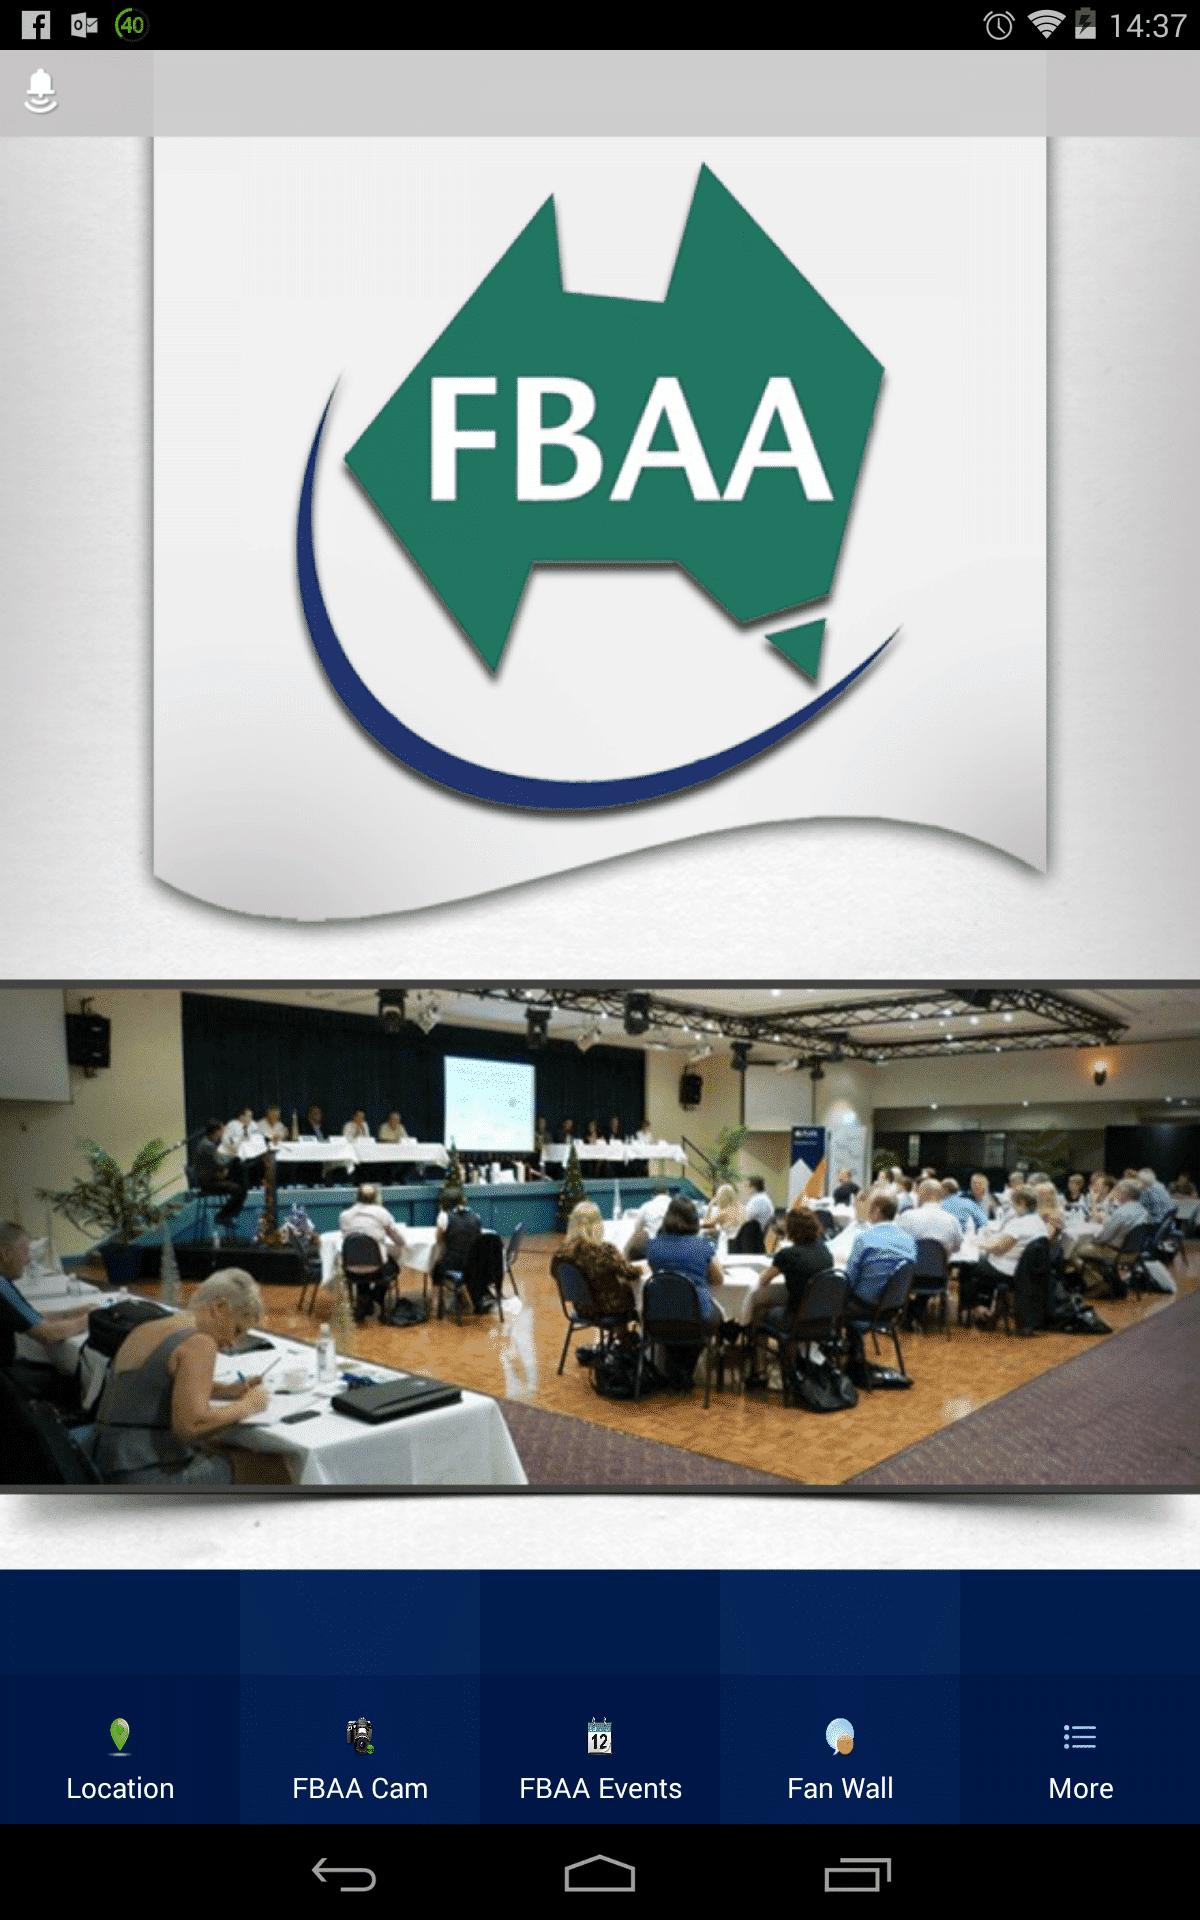 FBAA Mobile App